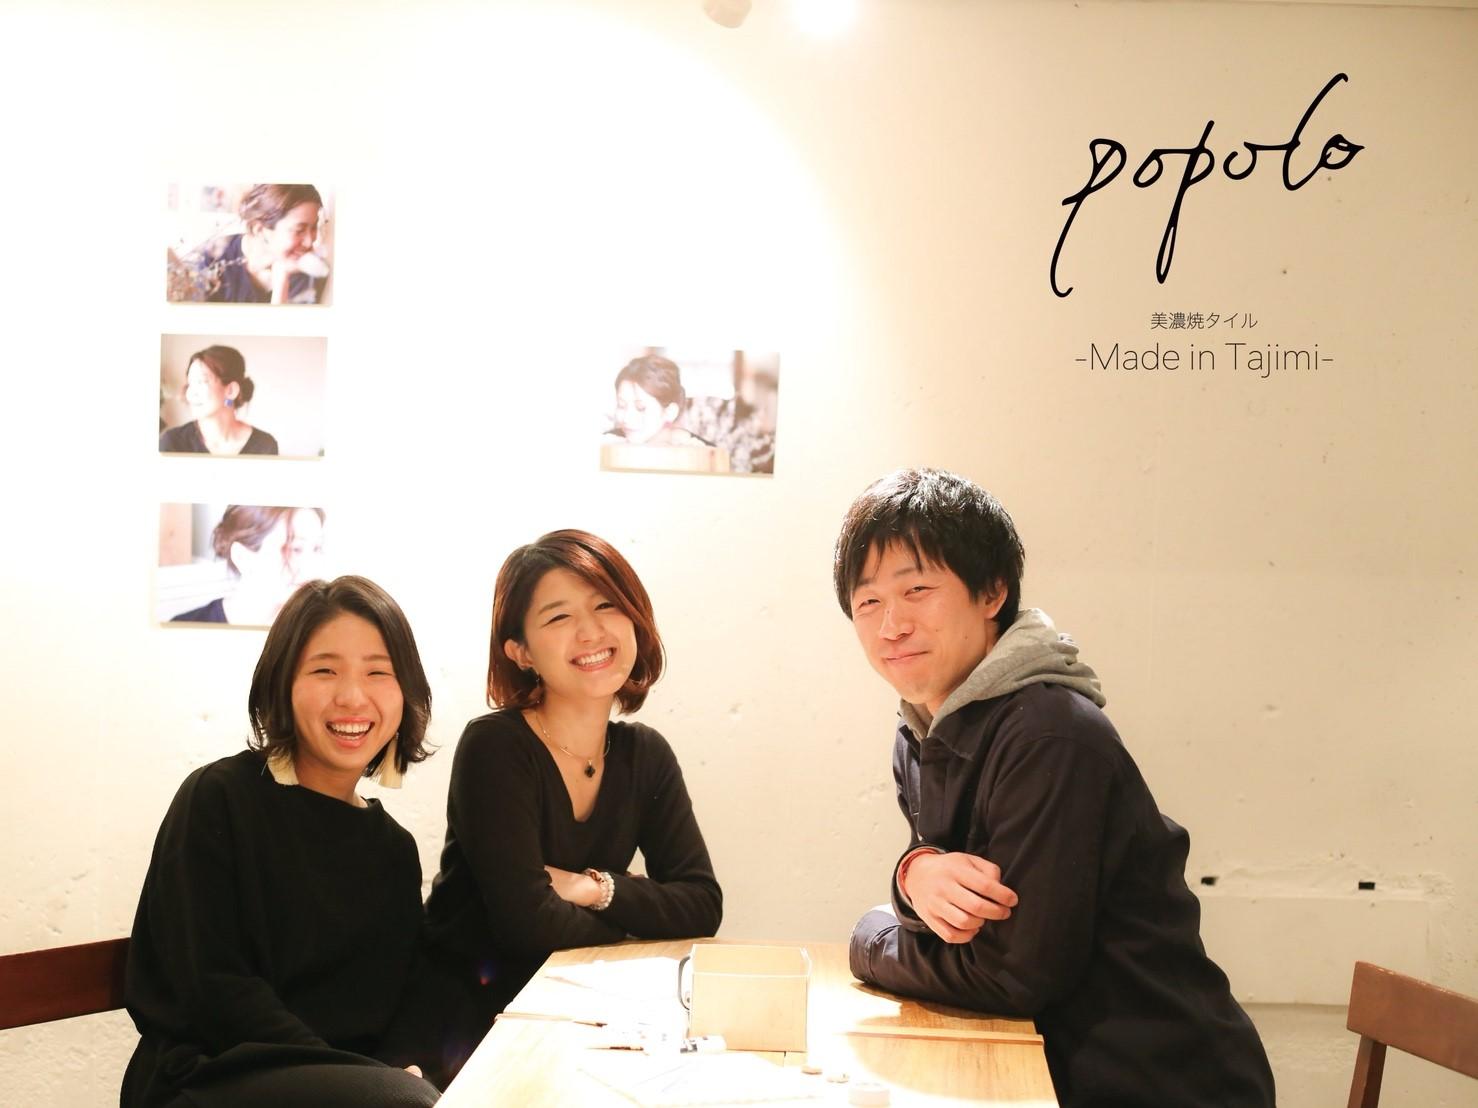 日本の伝統を世界へ!岐阜県美濃焼多治見タイルのピアスでおしゃれをアピールしよう